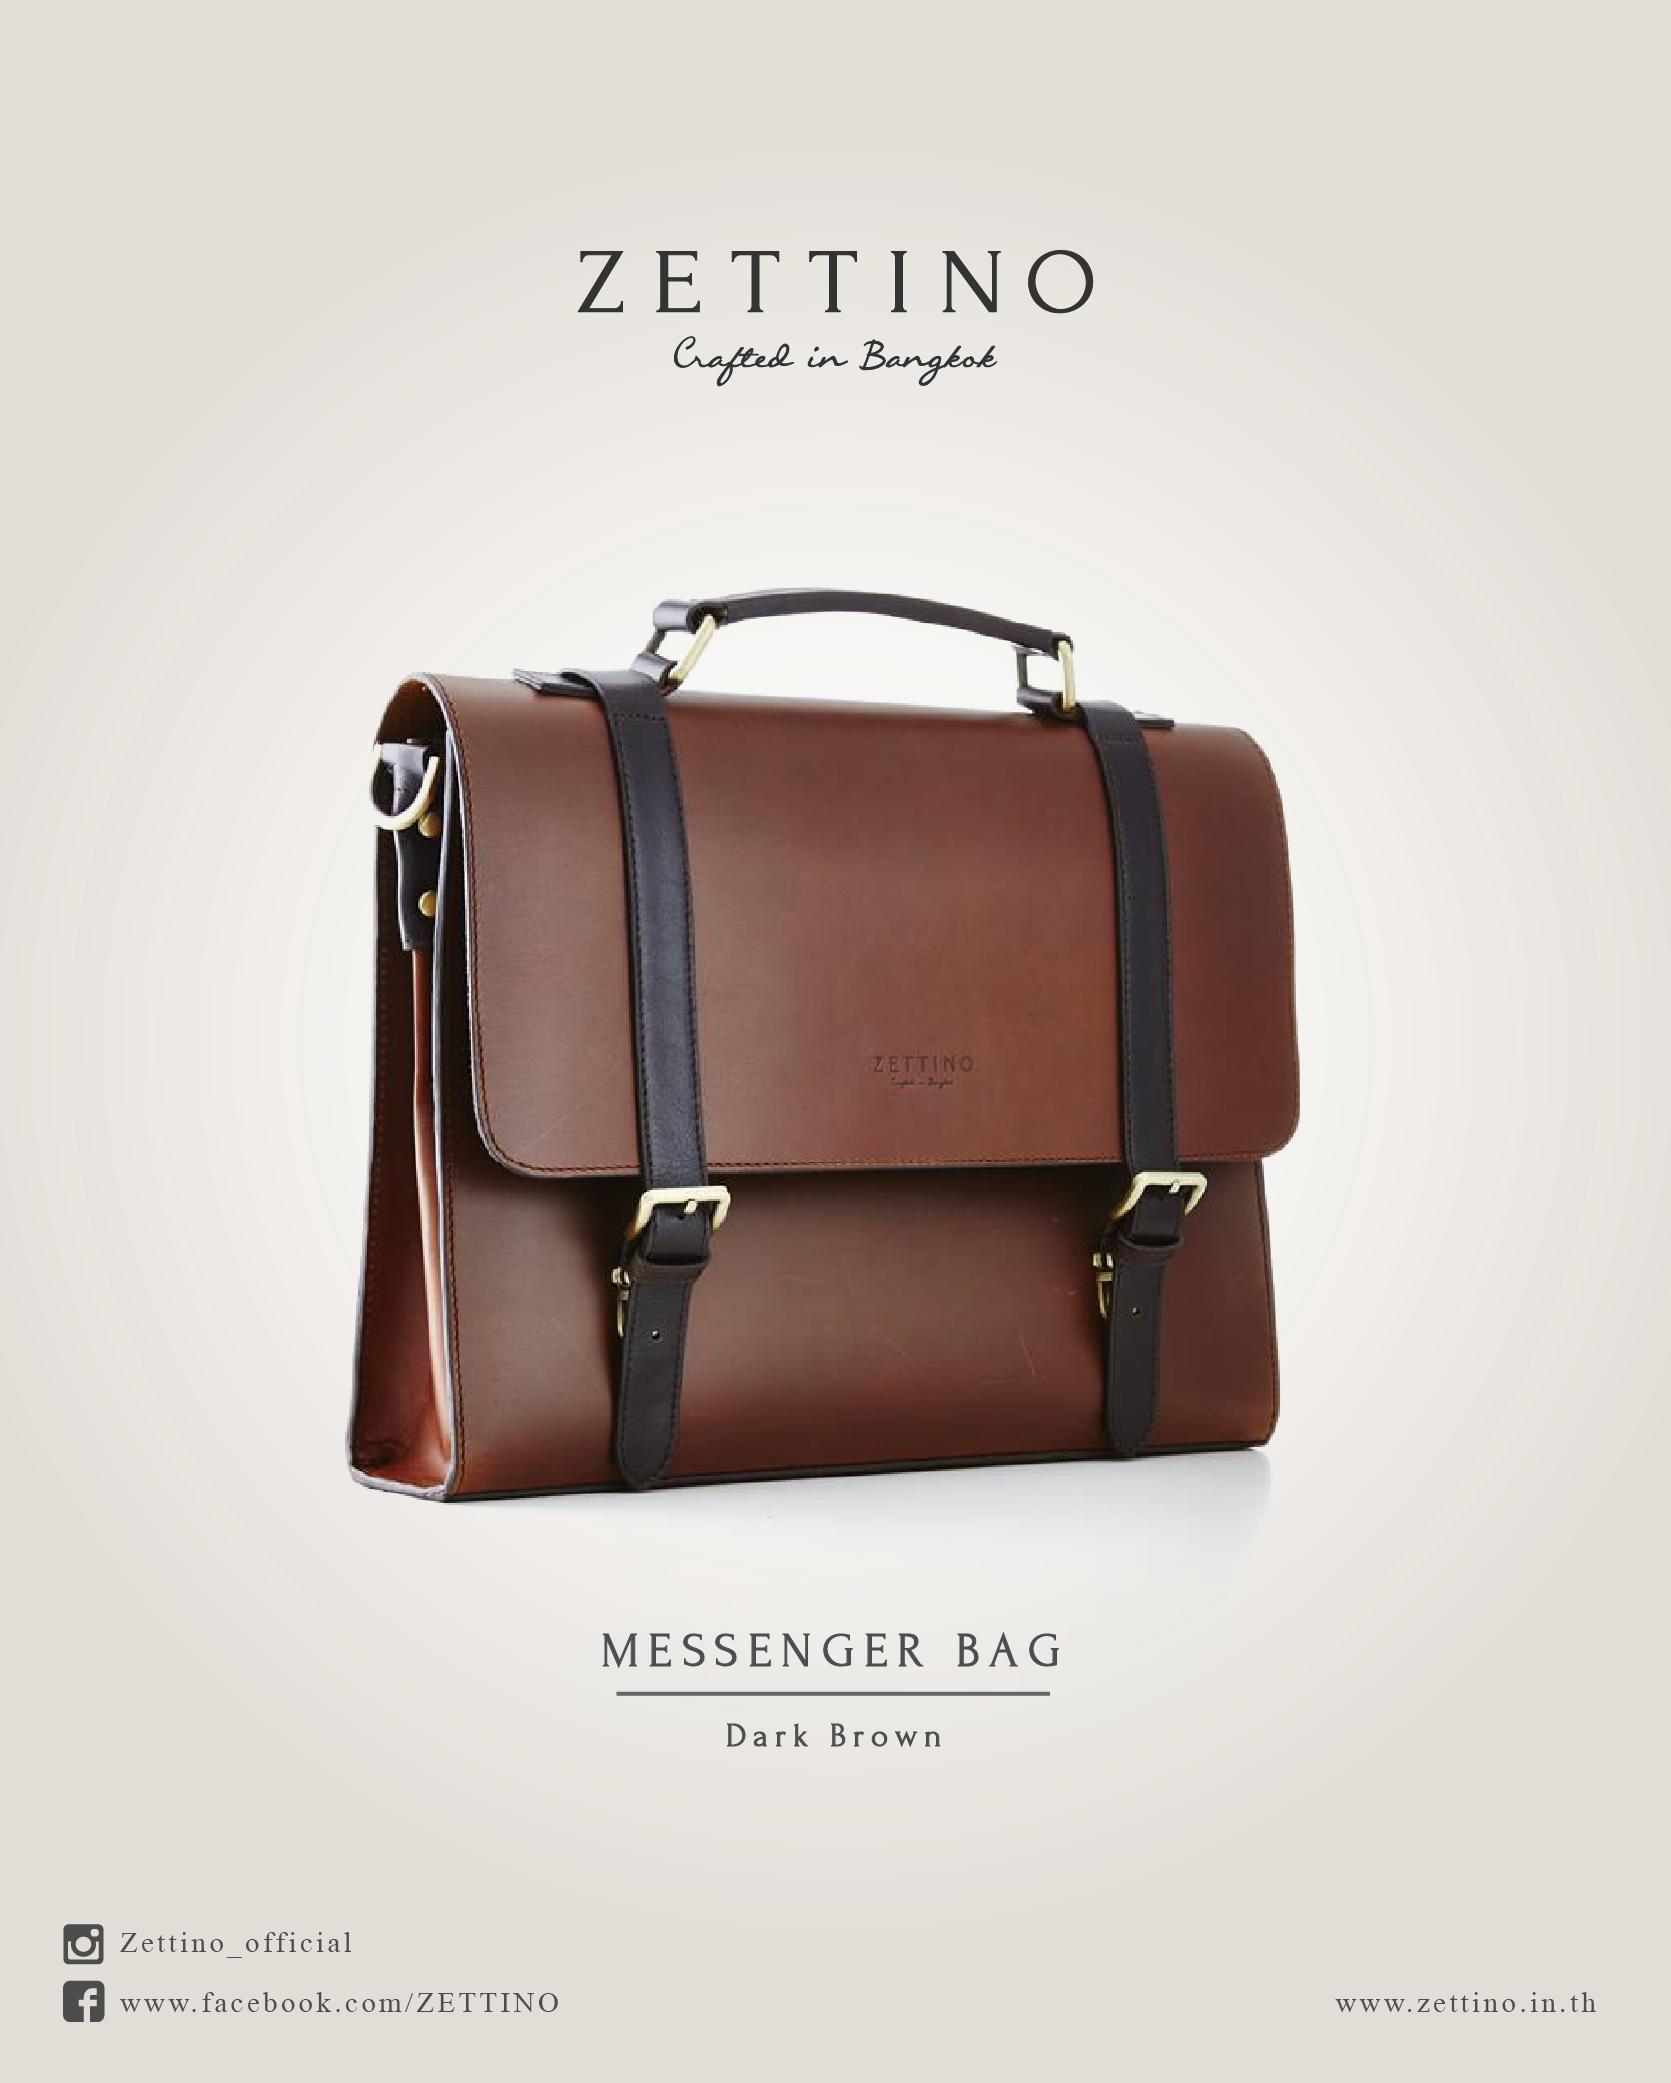 2018 年の「This contemporary look messenger bag is designed ...